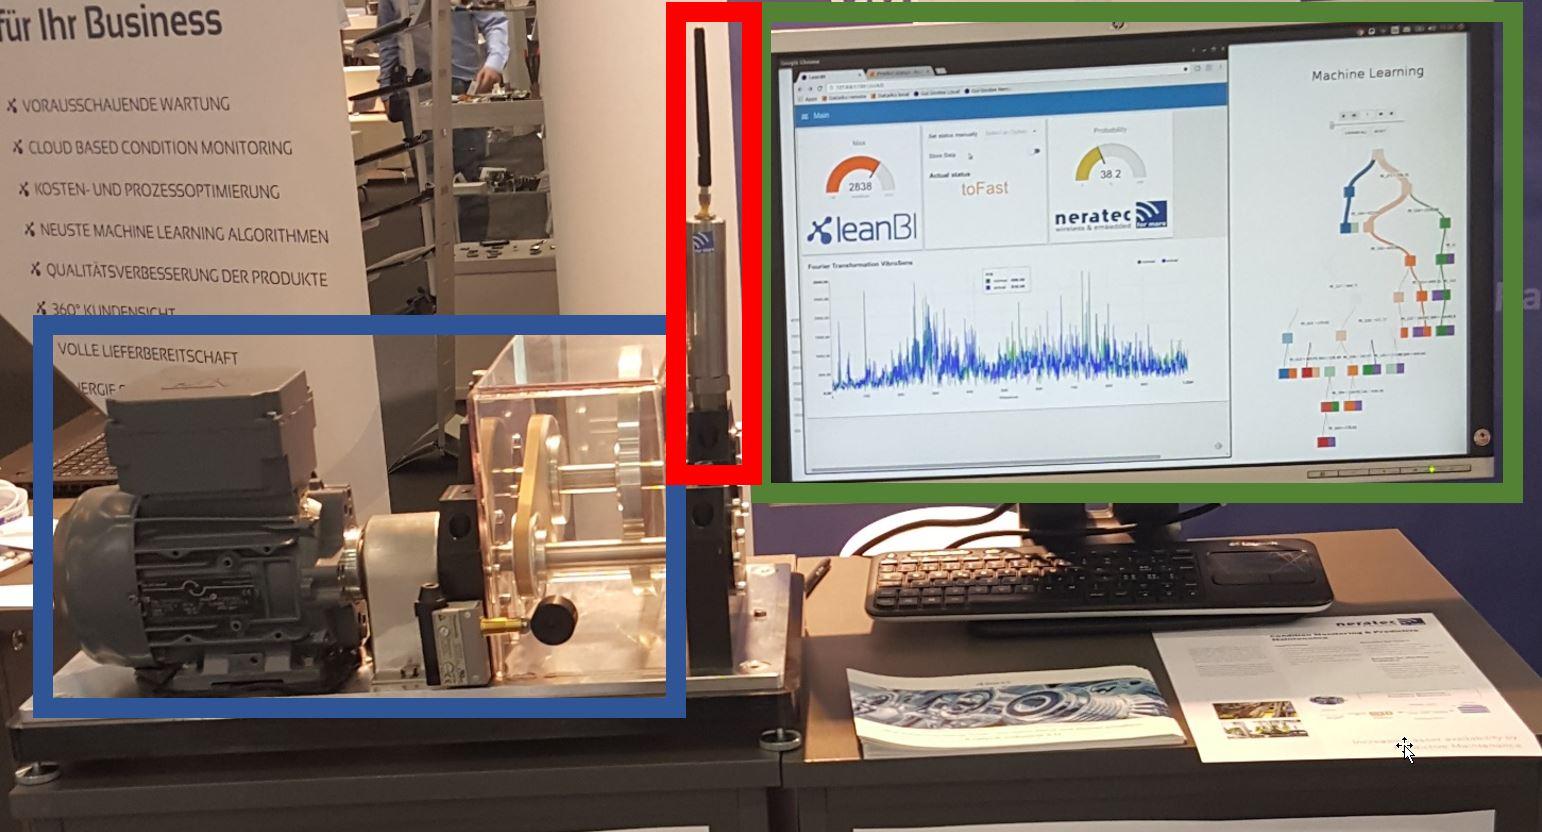 Anomalieerkennung am Elektormotr, ausgestellt an der Sindex